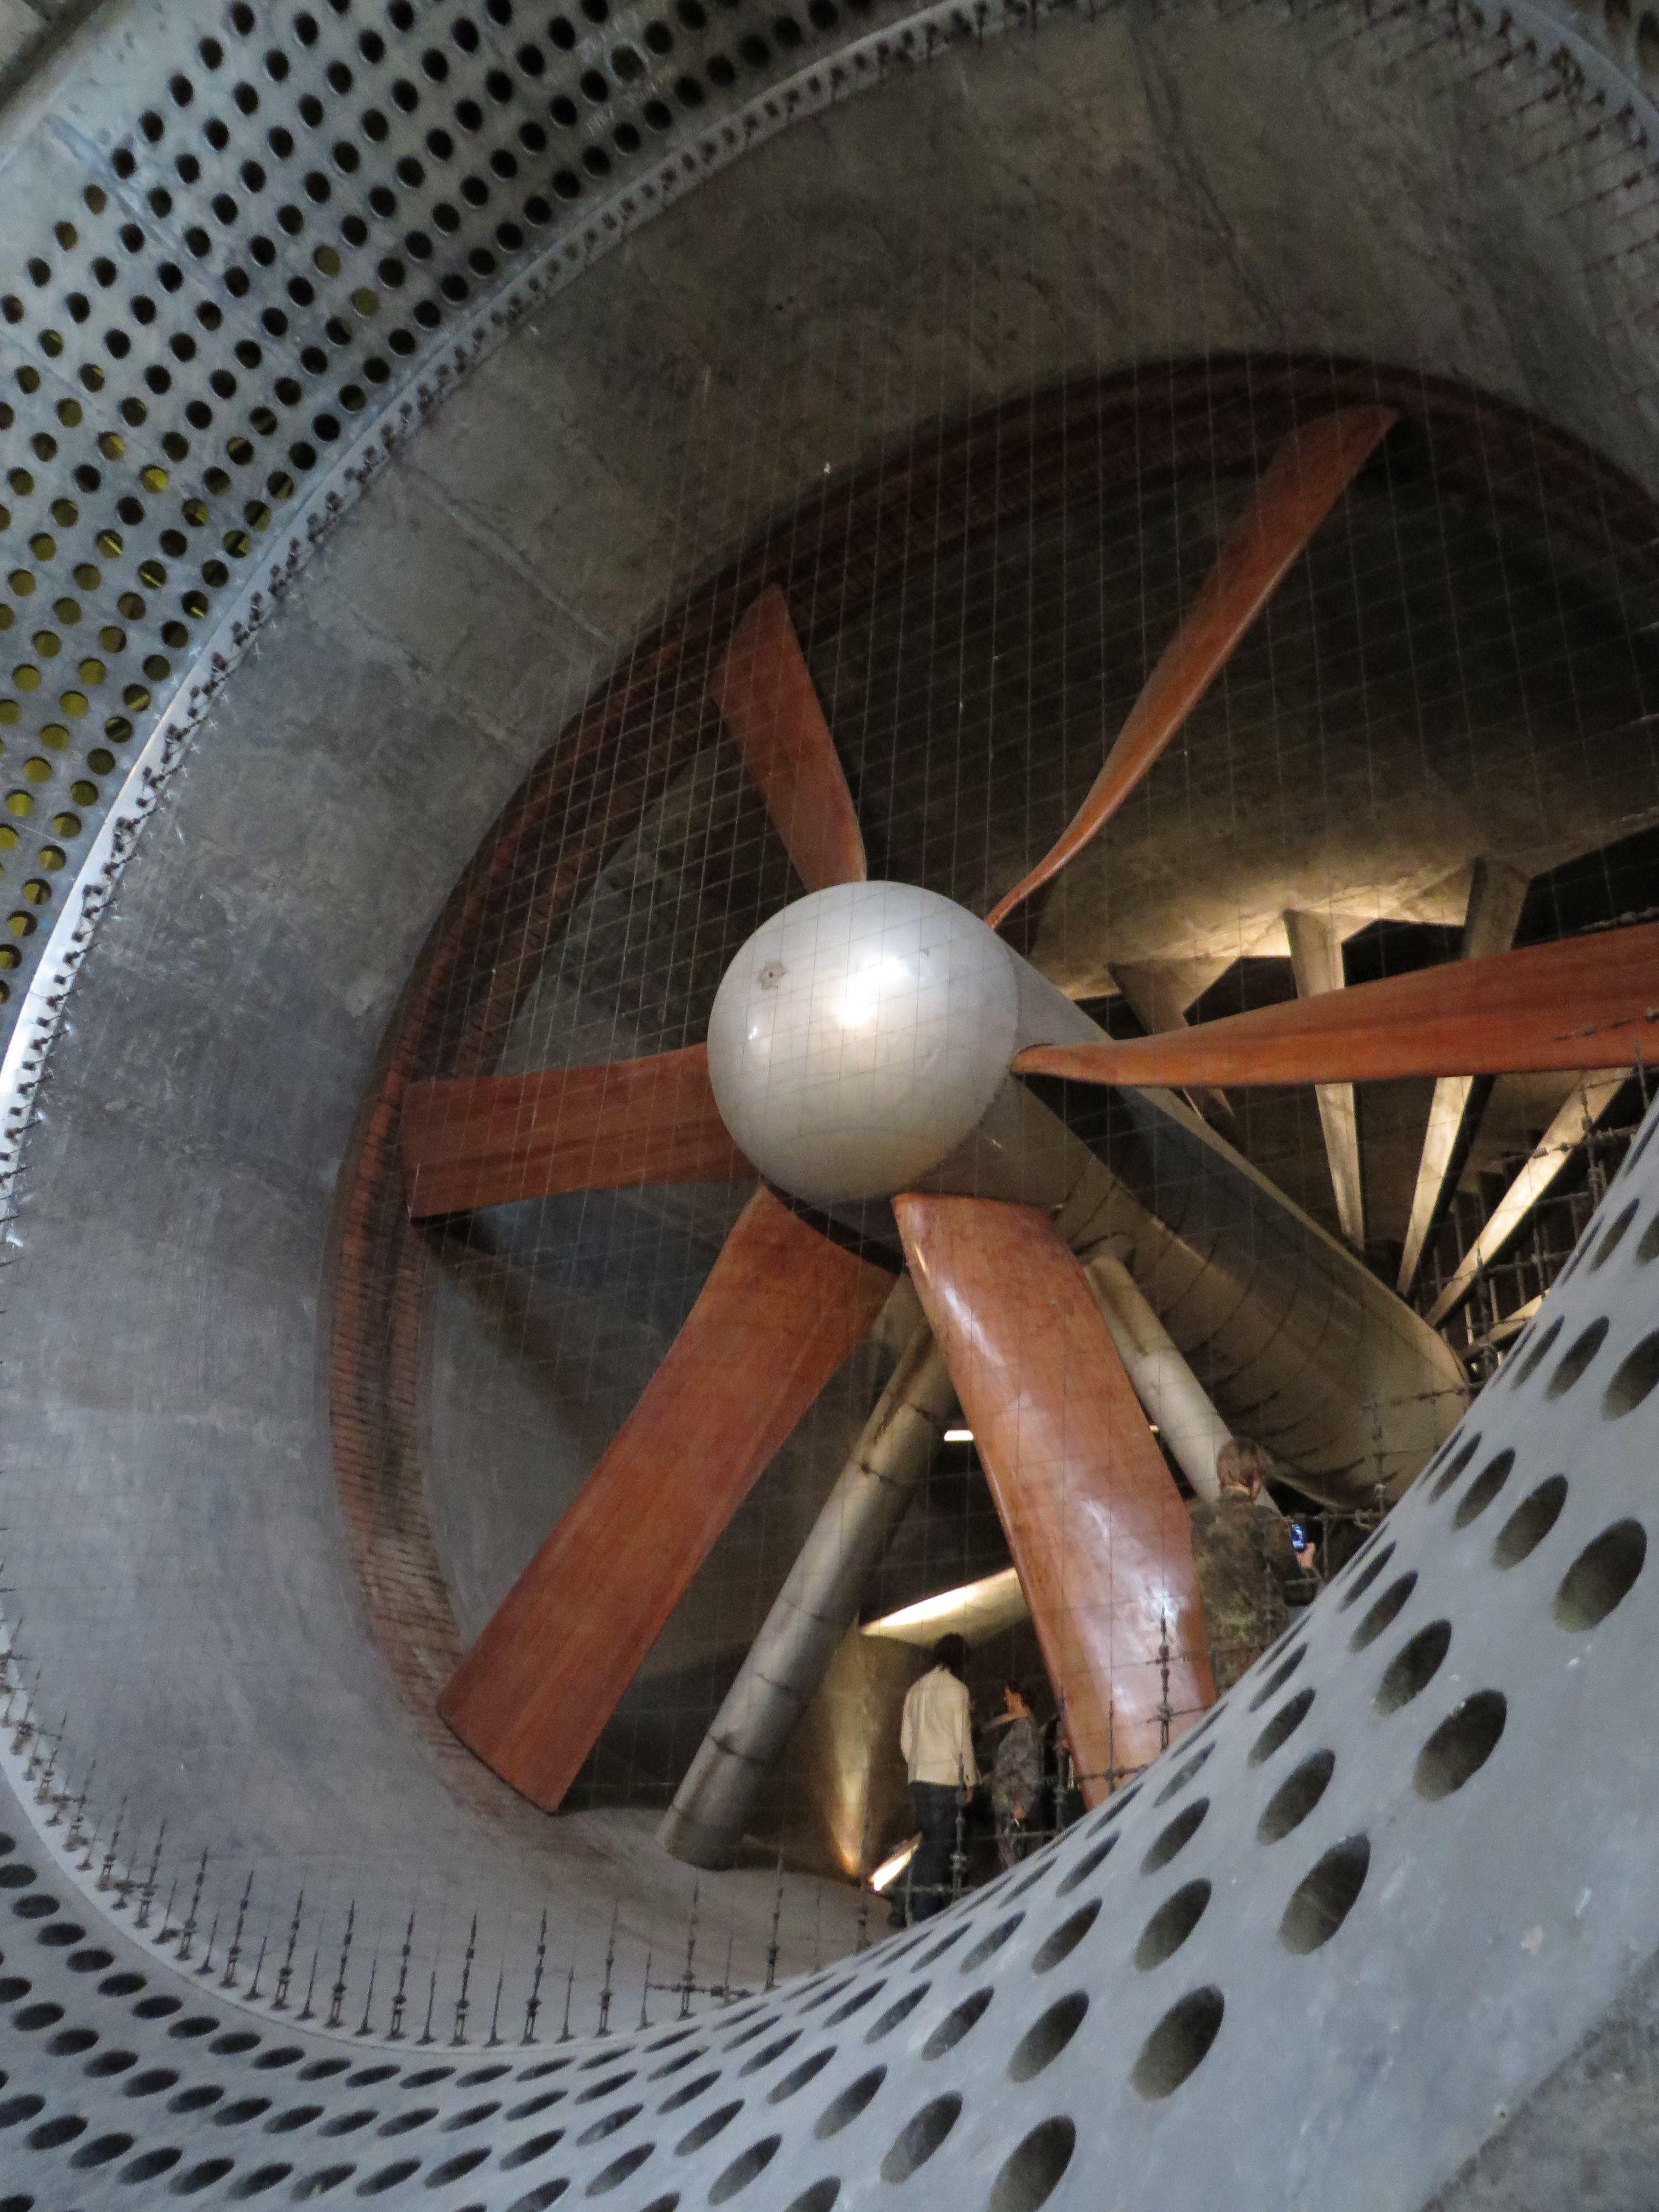 Postaviť sa zoči voči vrtule. Wohooo podme na to. Cez víkend teambuilding CMCčkári.  http://www.hurricanefactory.com/sk/spolocnosti/tatralandia